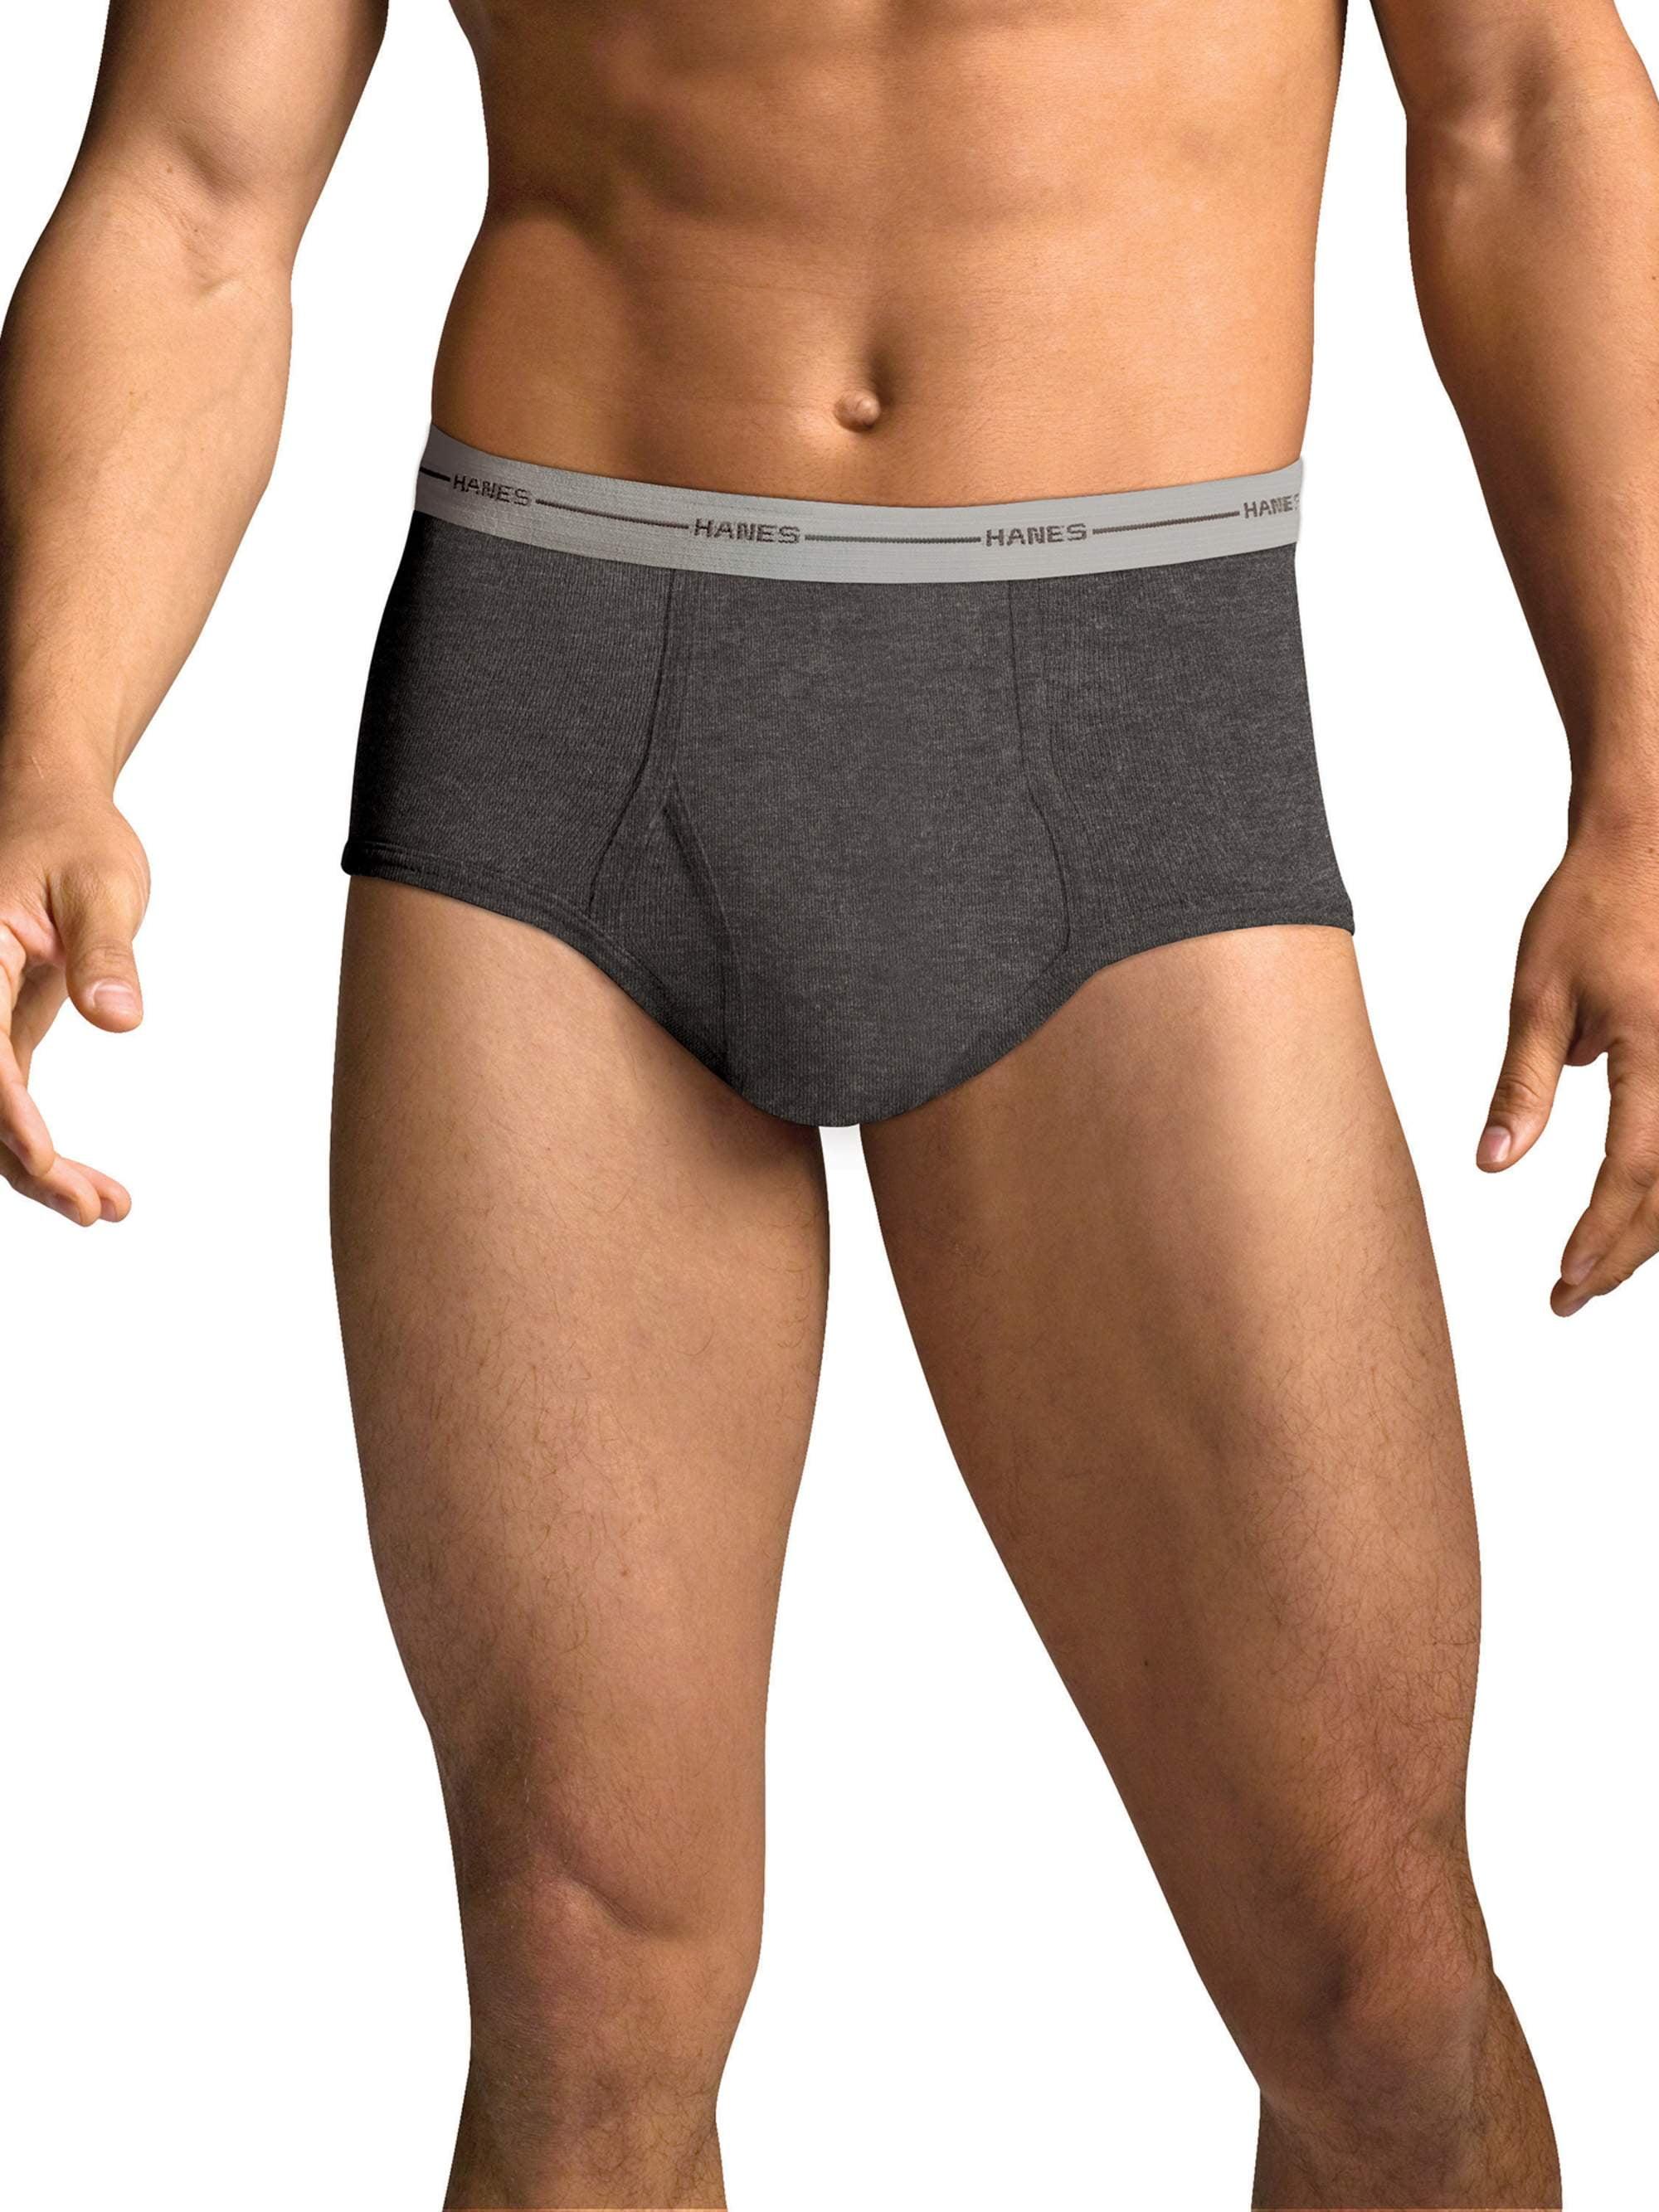 2f46fd04bf6b Men's FreshIQ Comfort Flex Waistband Dyed Briefs, 6 Pack - Walmart.com